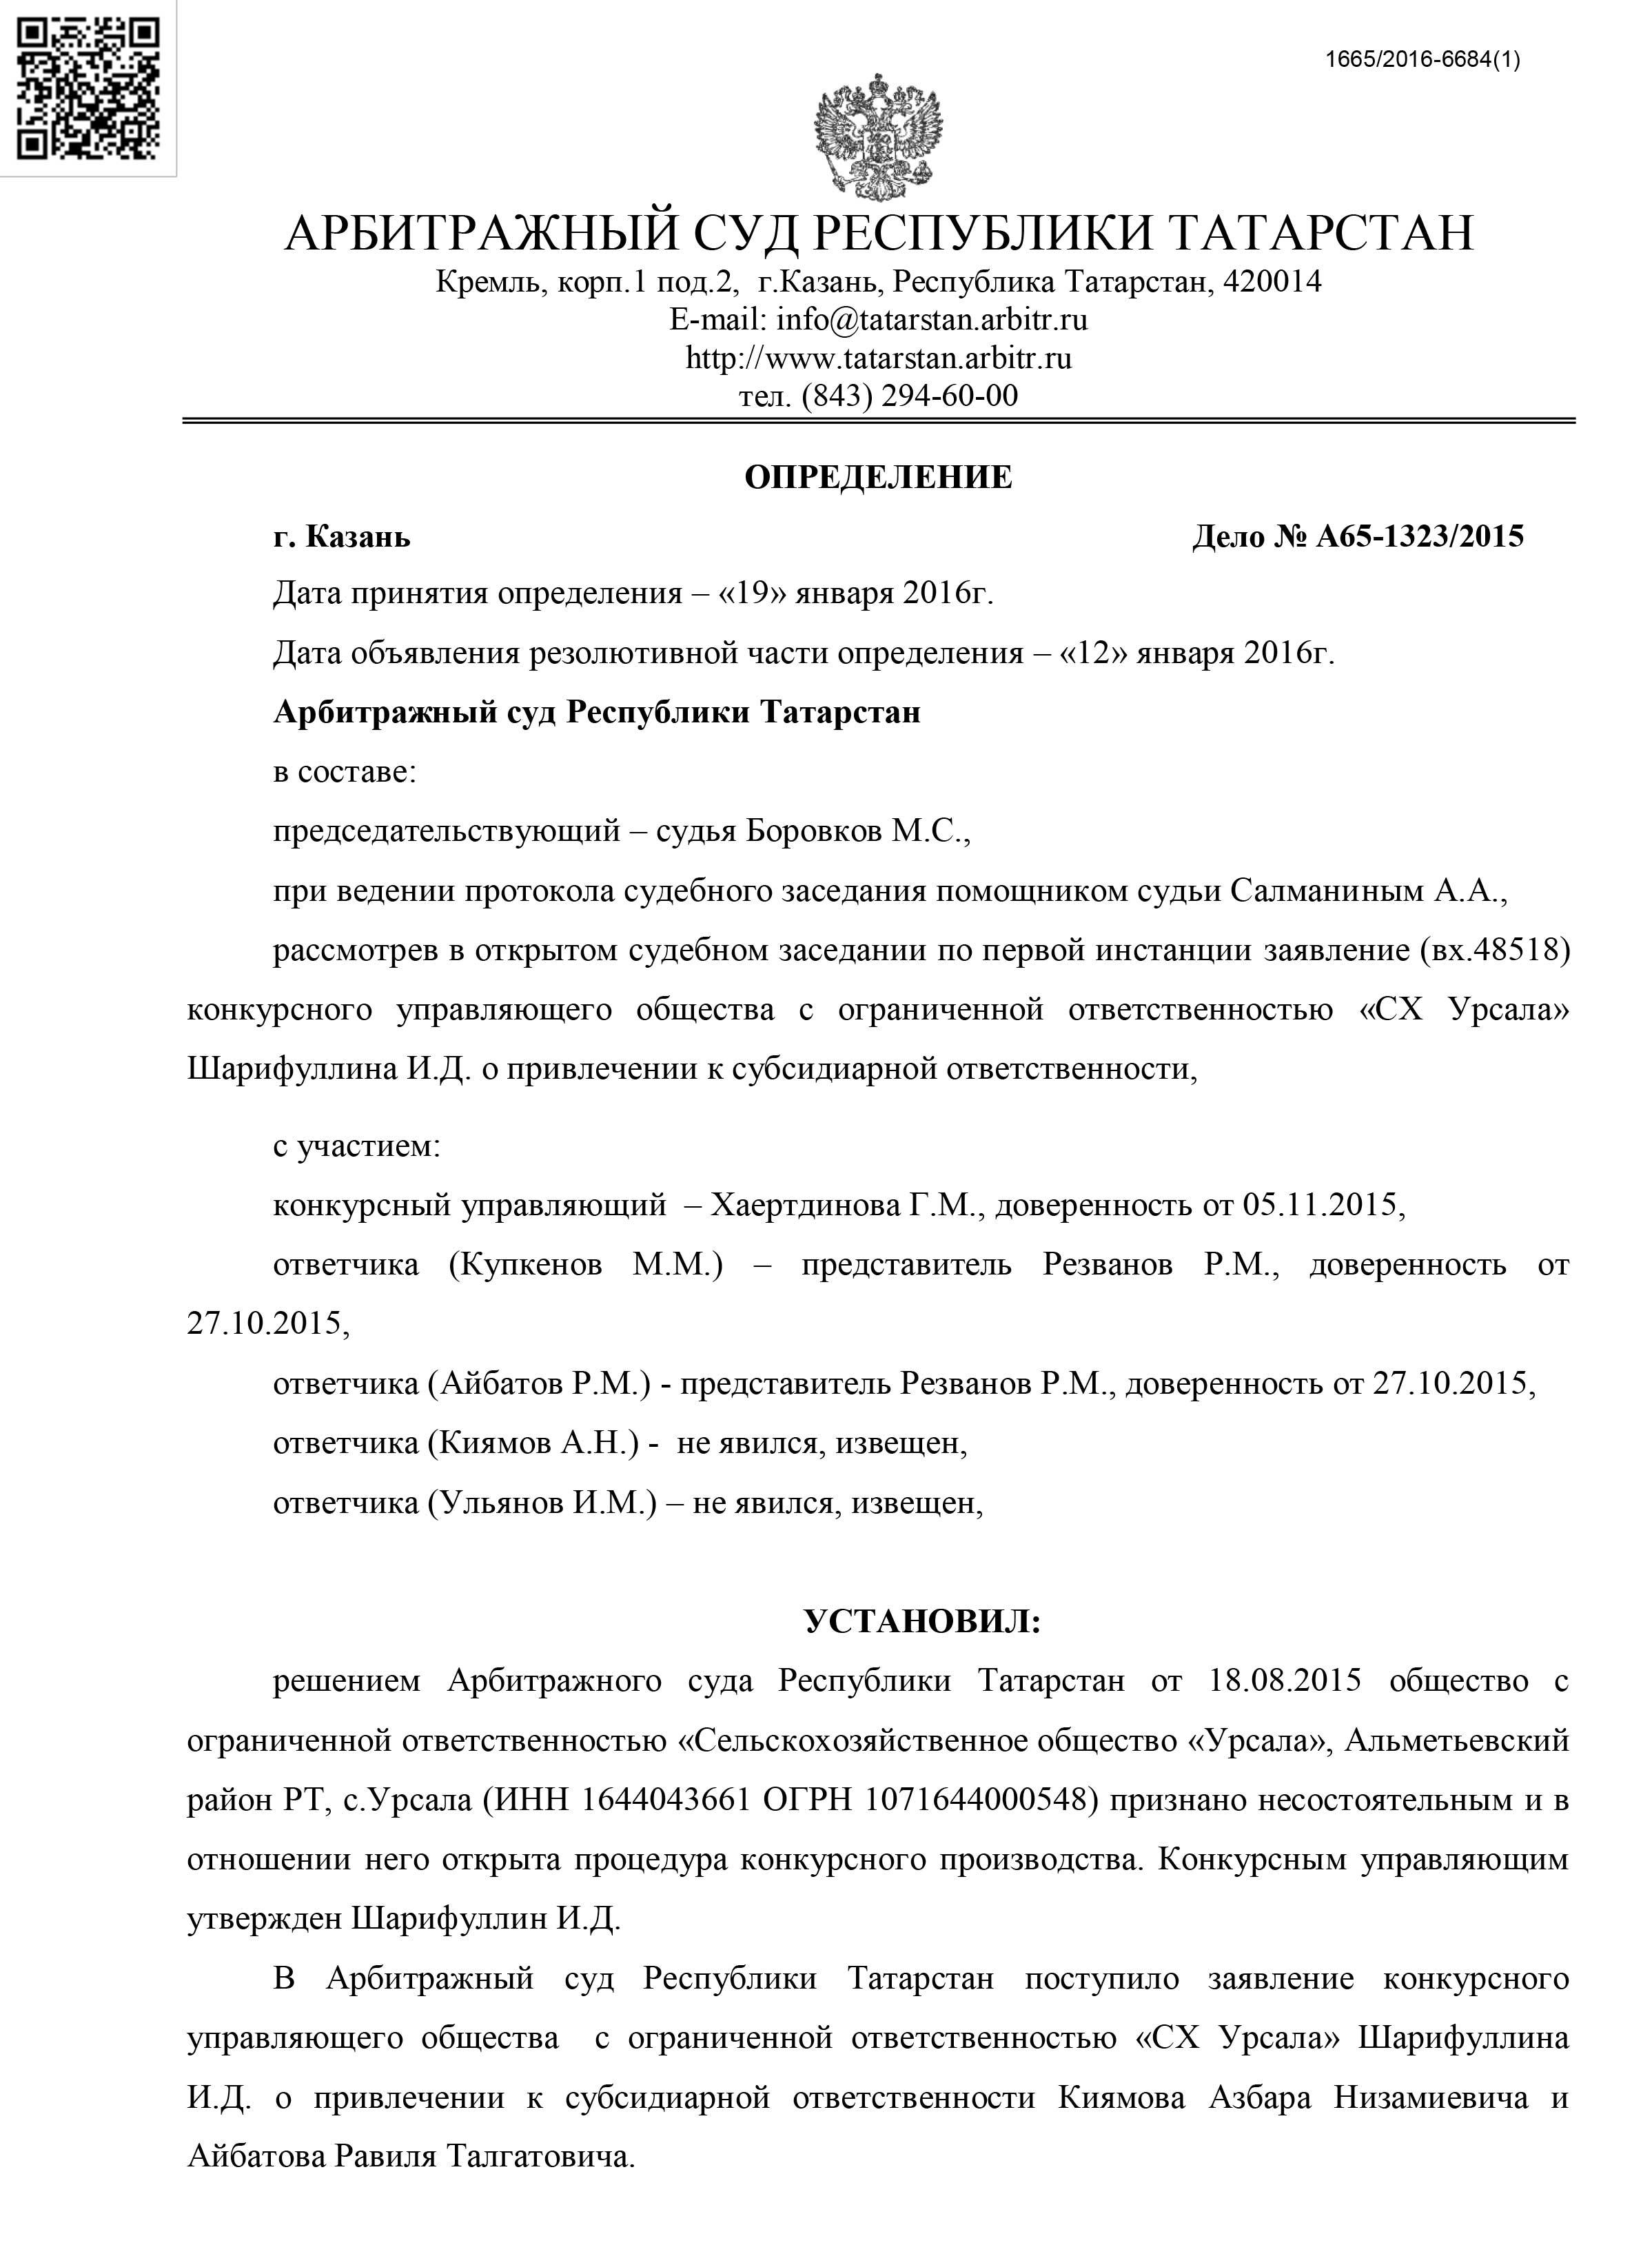 A65-1323-2015_20160119_Opredelenie-1